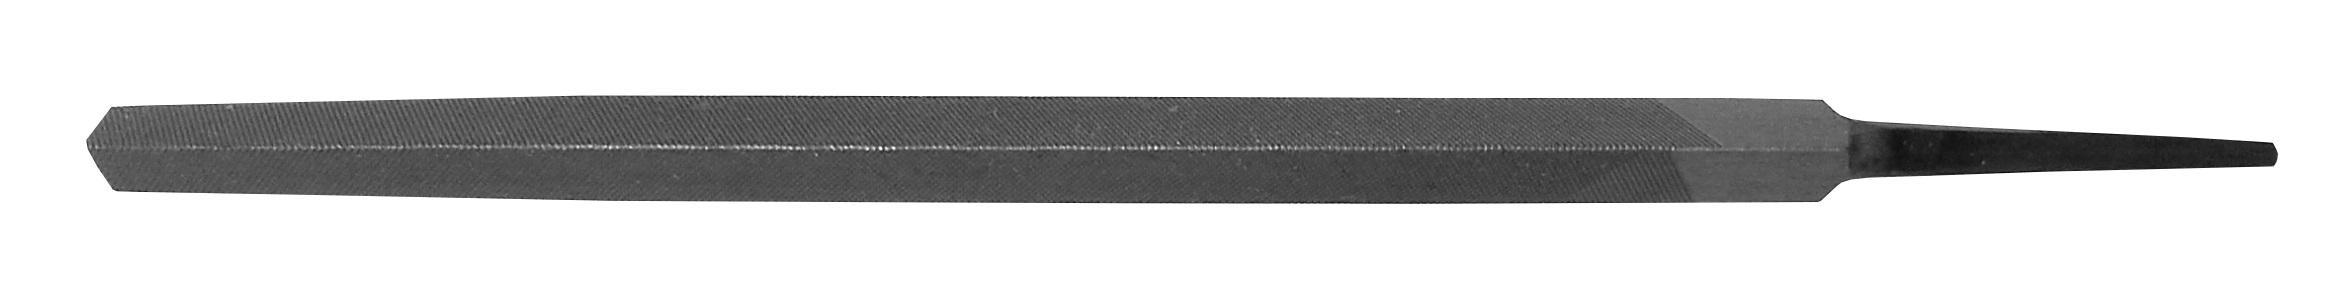 Напильник Berger Bg1157 напильник berger плоский с рукояткой 200 мм bg1150